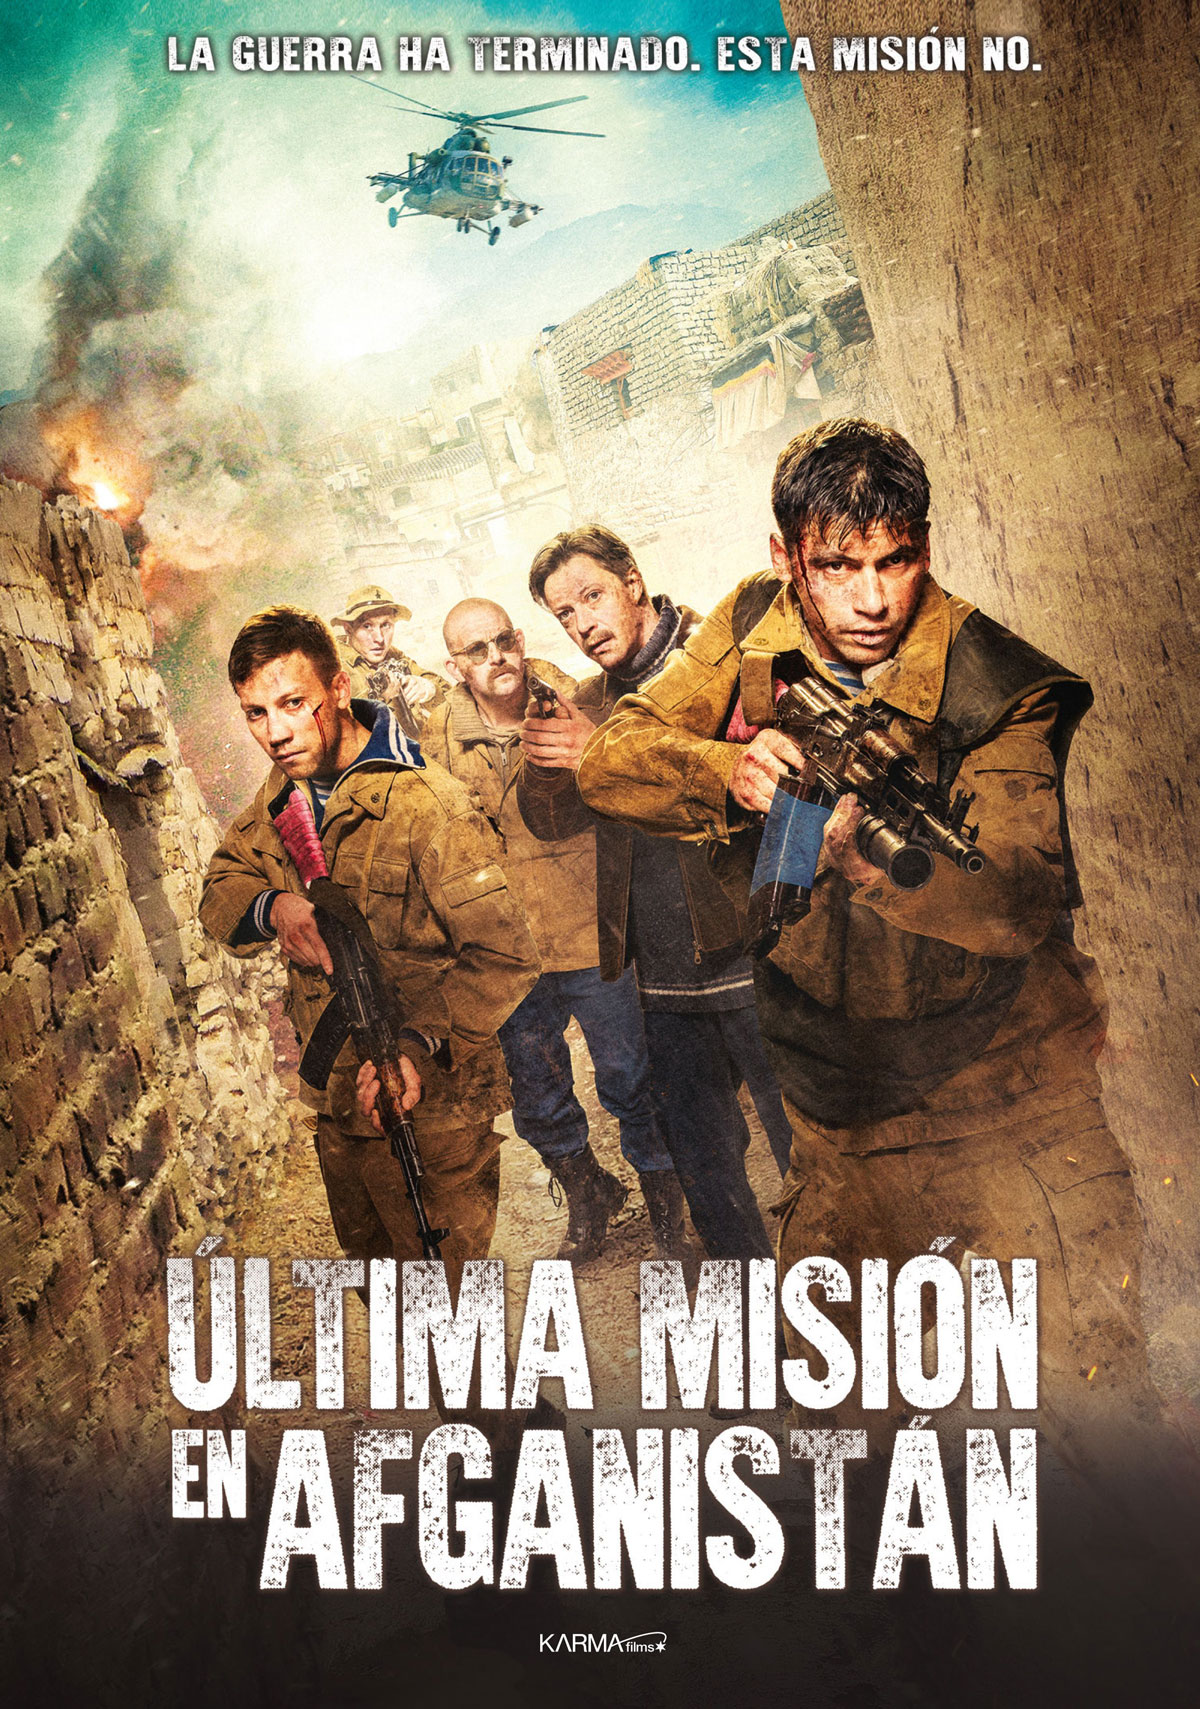 Última misión en Afganistán - Película 2019 - SensaCine.com